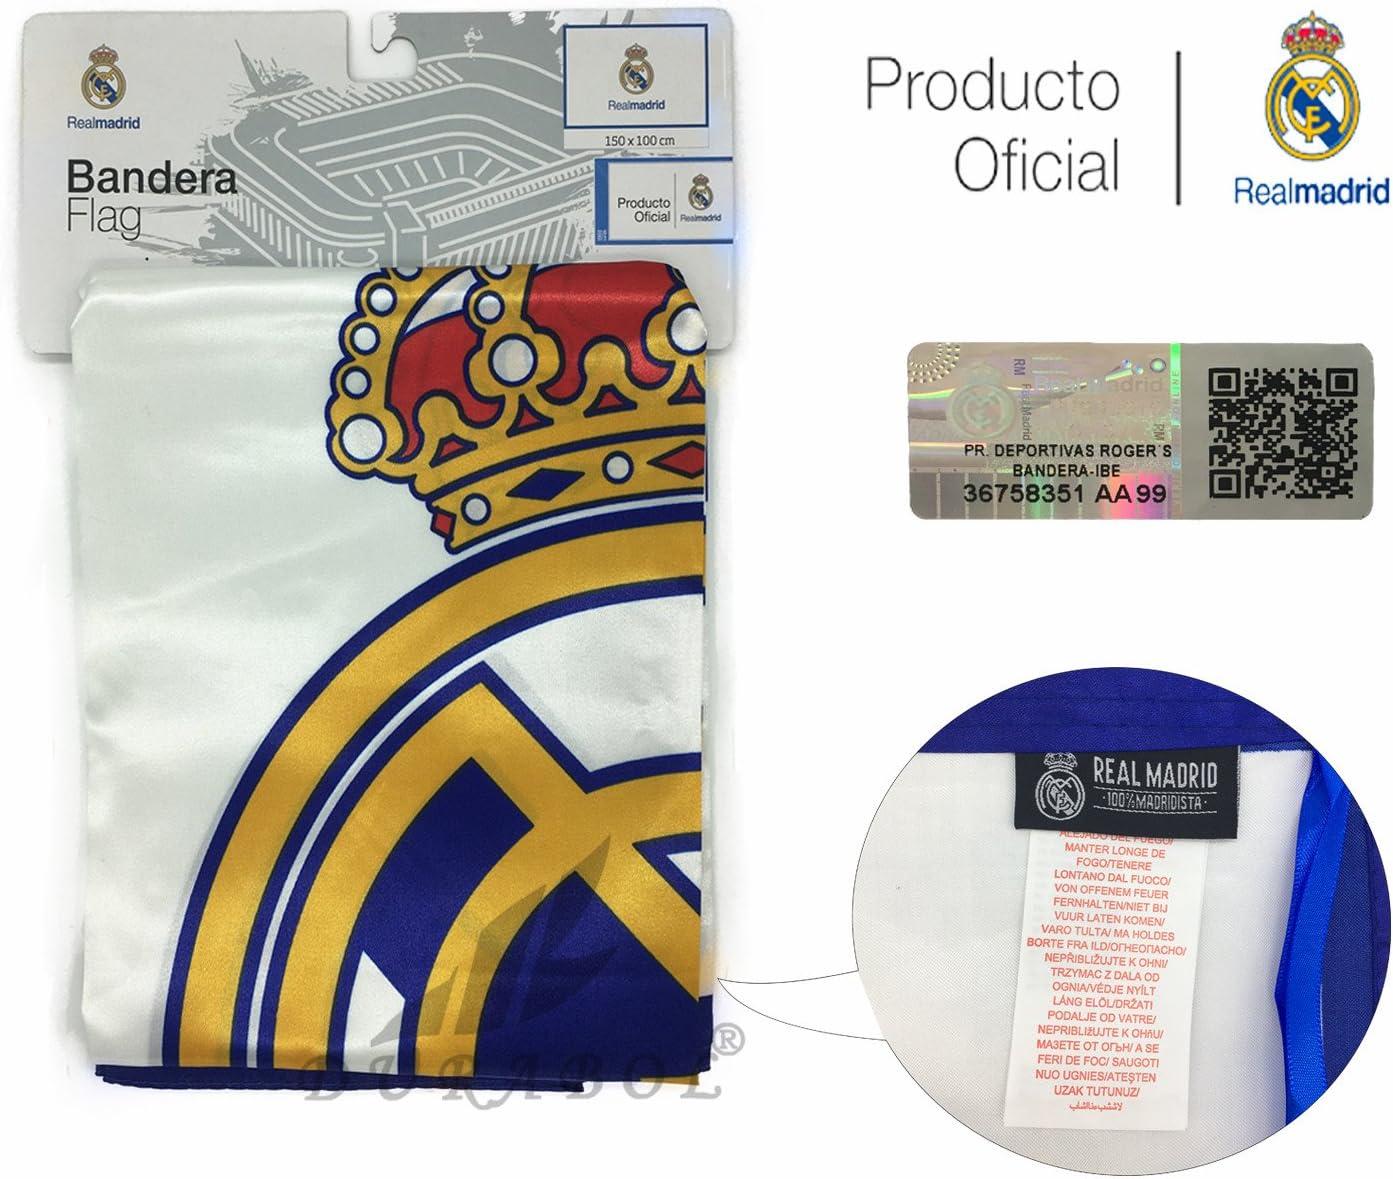 Producto Oficial Real Madrid Bandera del Real Madrid 150X100CM (Escudo con Real Madrid): Amazon.es: Deportes y aire libre